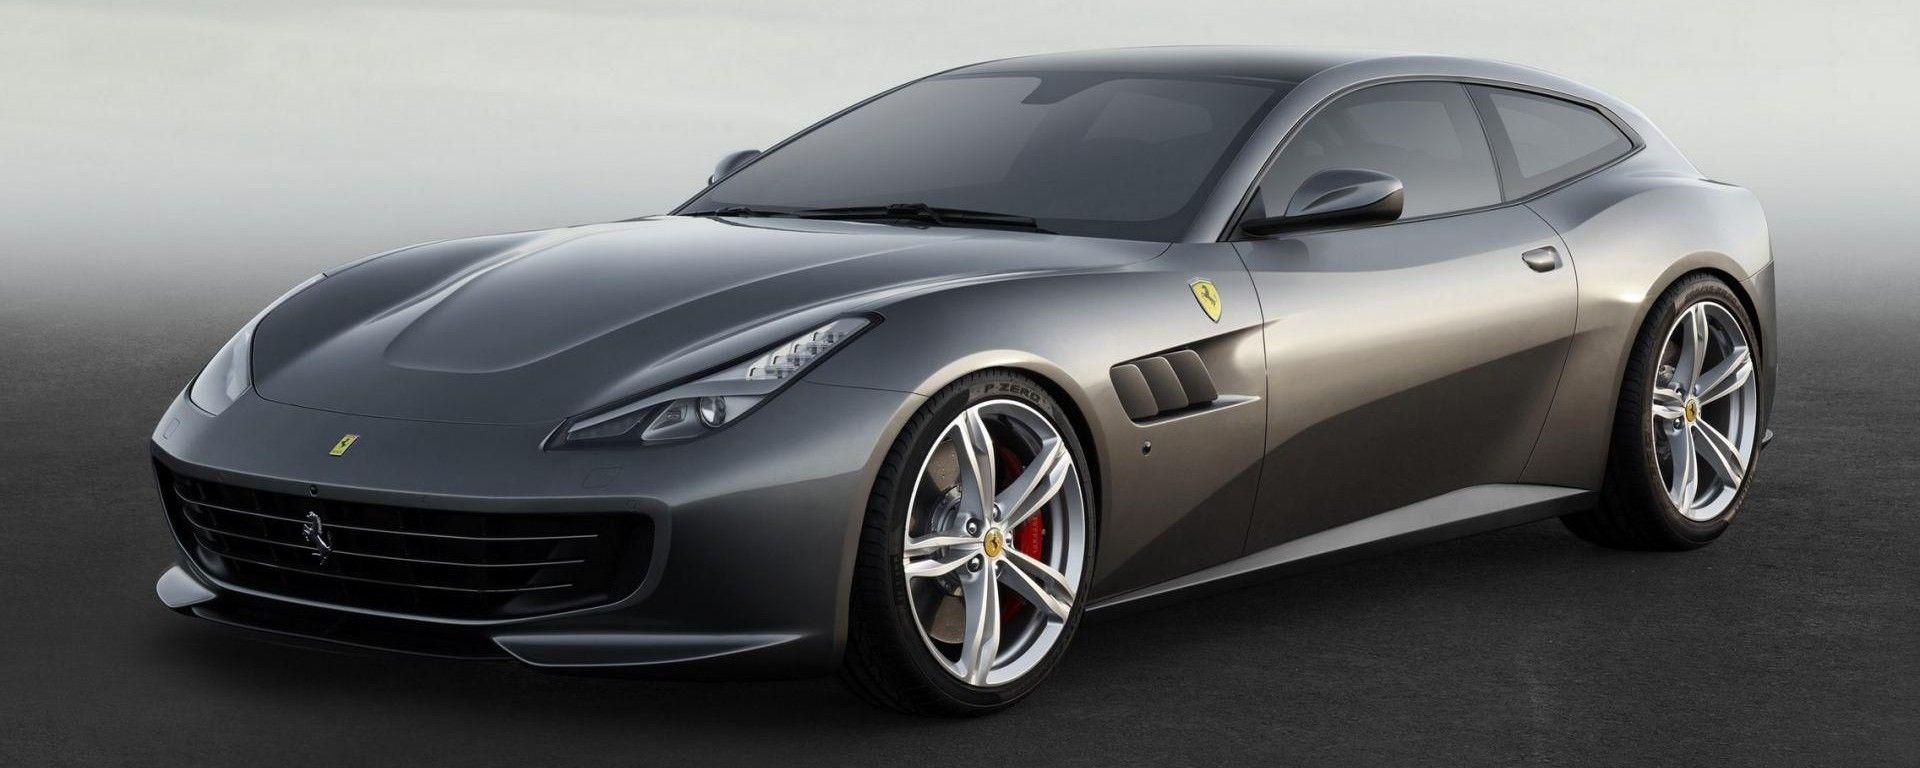 Suv Ferrari: sarà il più veloce sul mercato. Parola di CEO